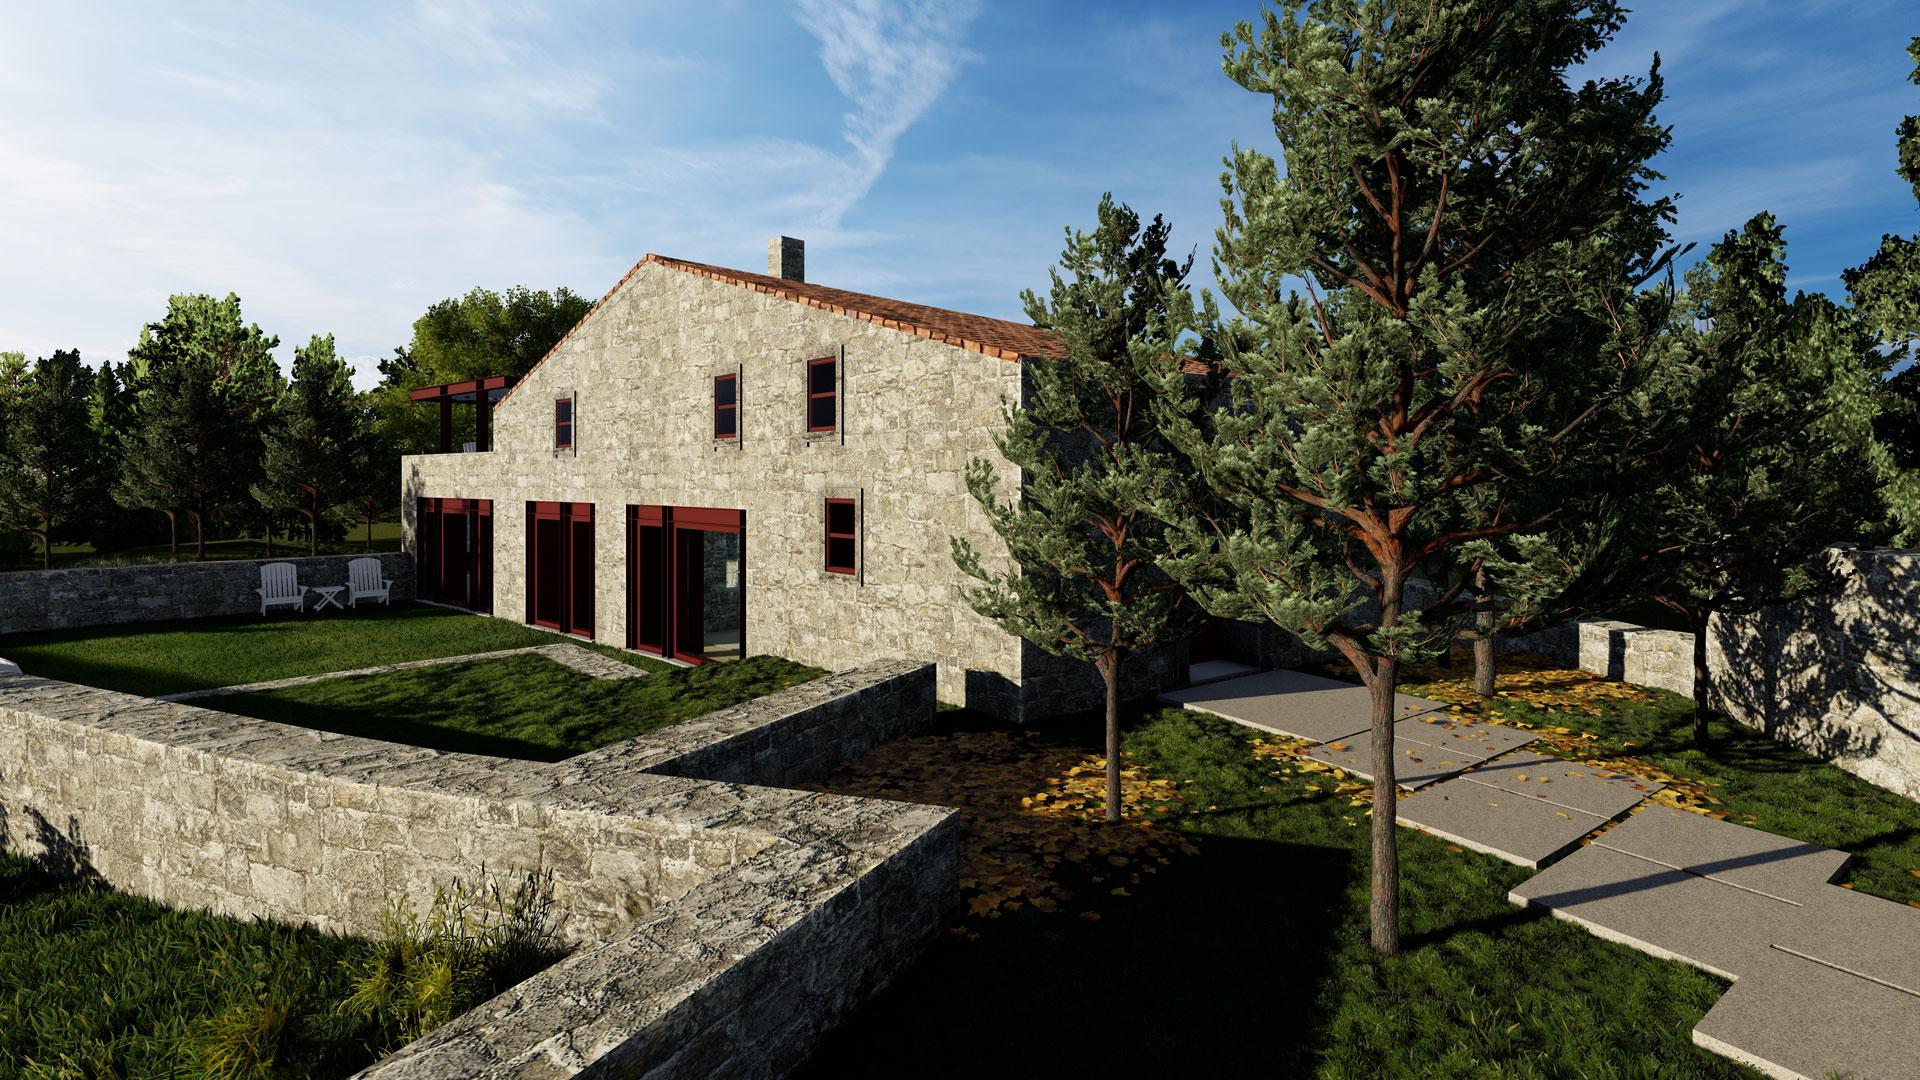 Vista da fachada sul do projecto de remodelação de casa rural, em Aldeia Nova, Miranda do Douro.